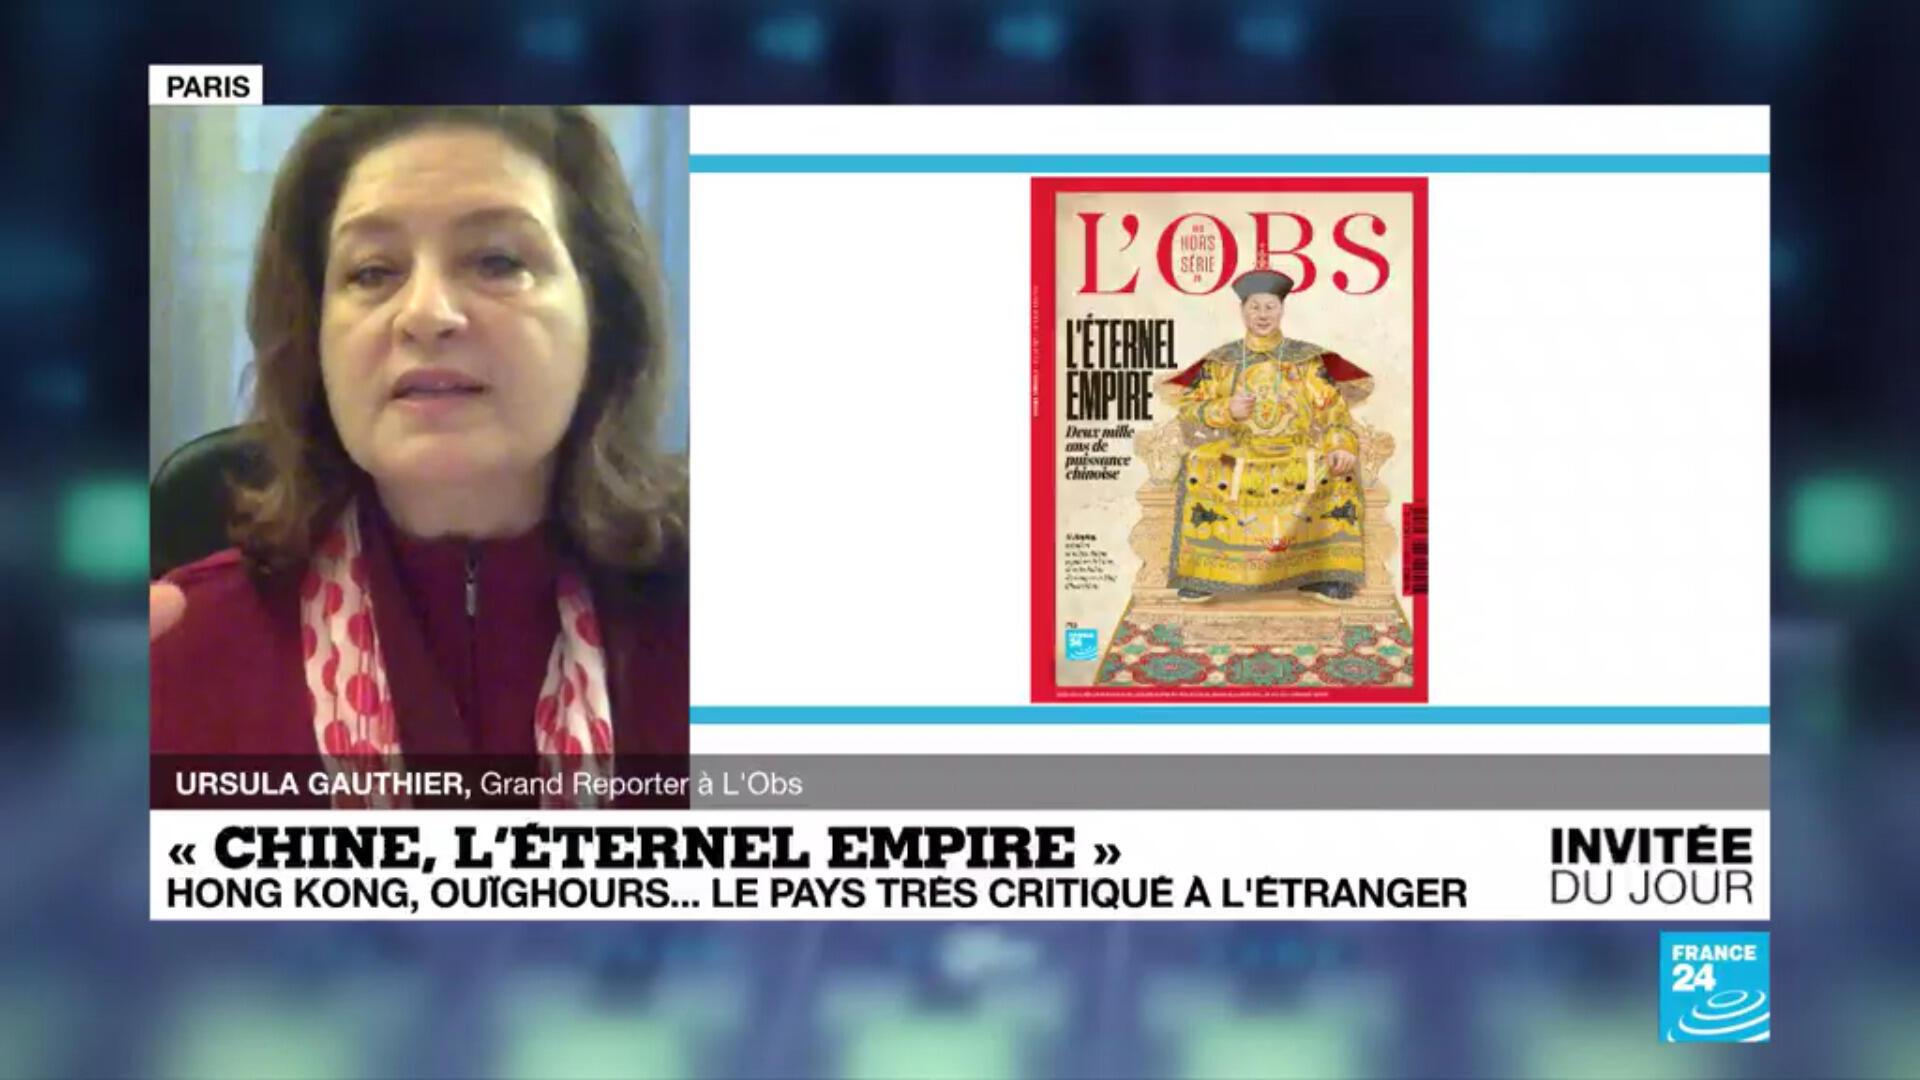 La journaliste Ursula Gauthier, du magazine L'Obs